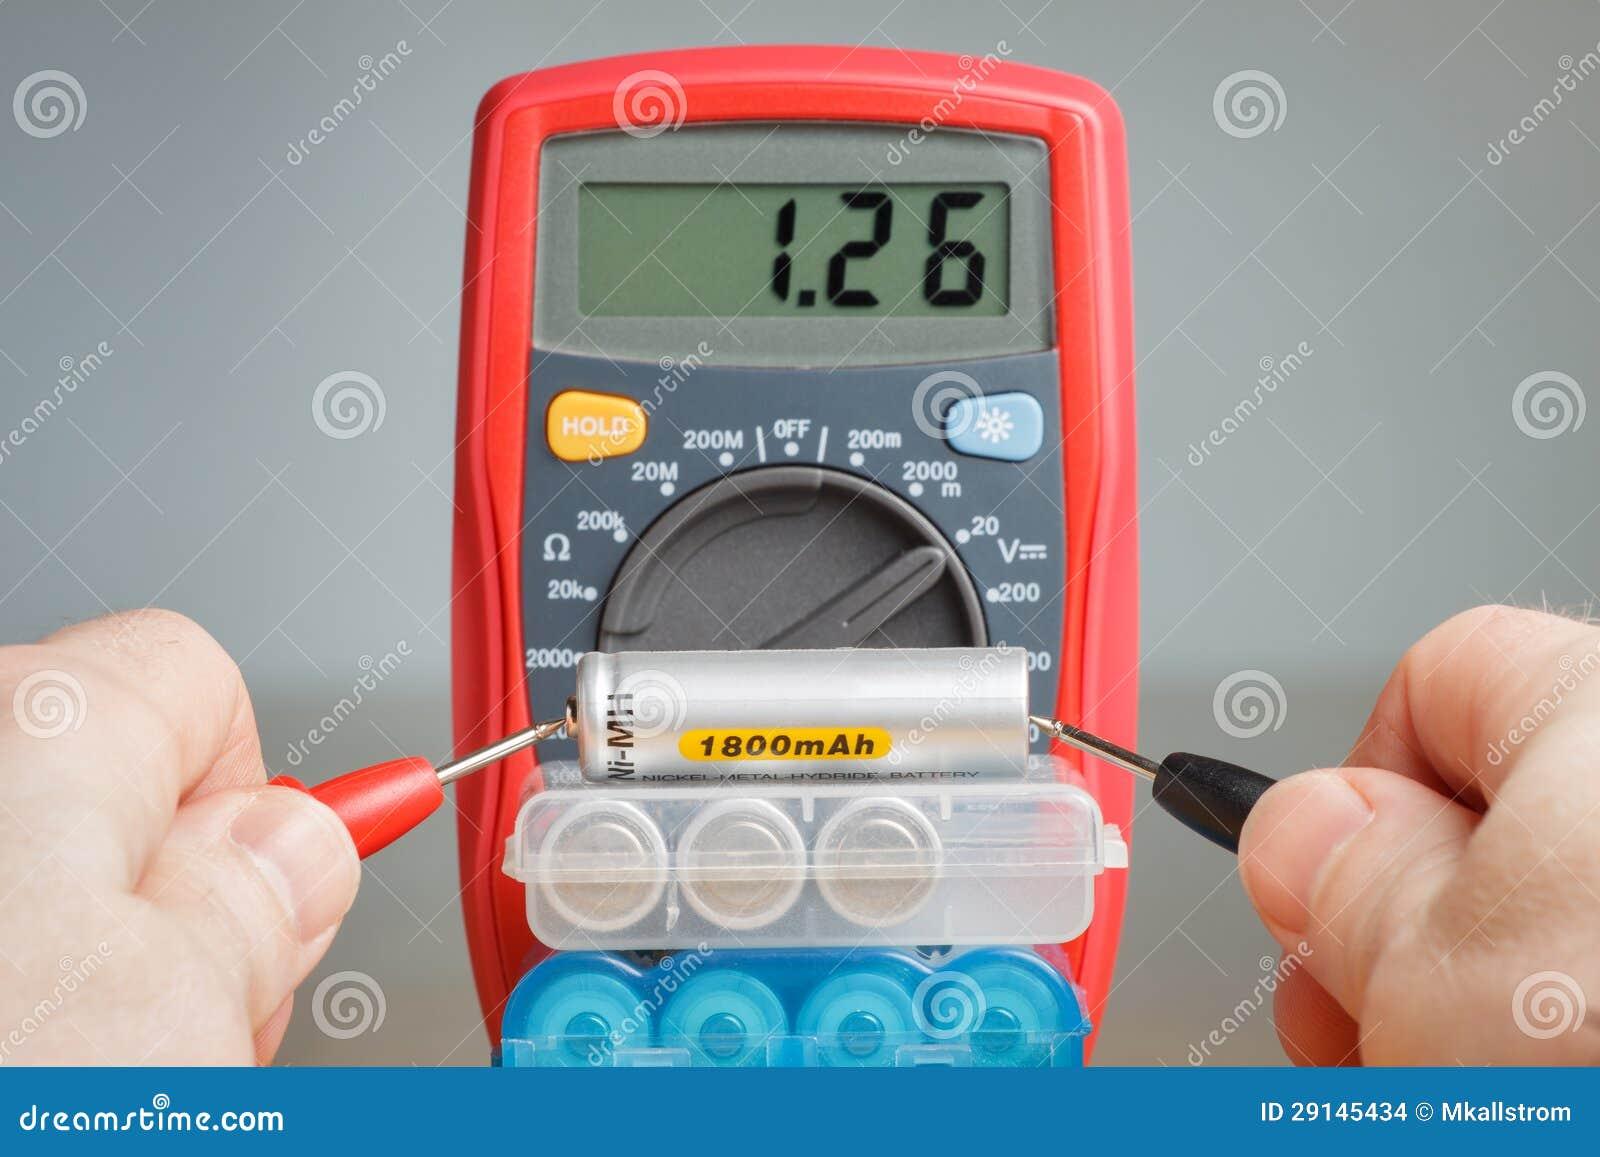 与多用电表的评定的电池电压